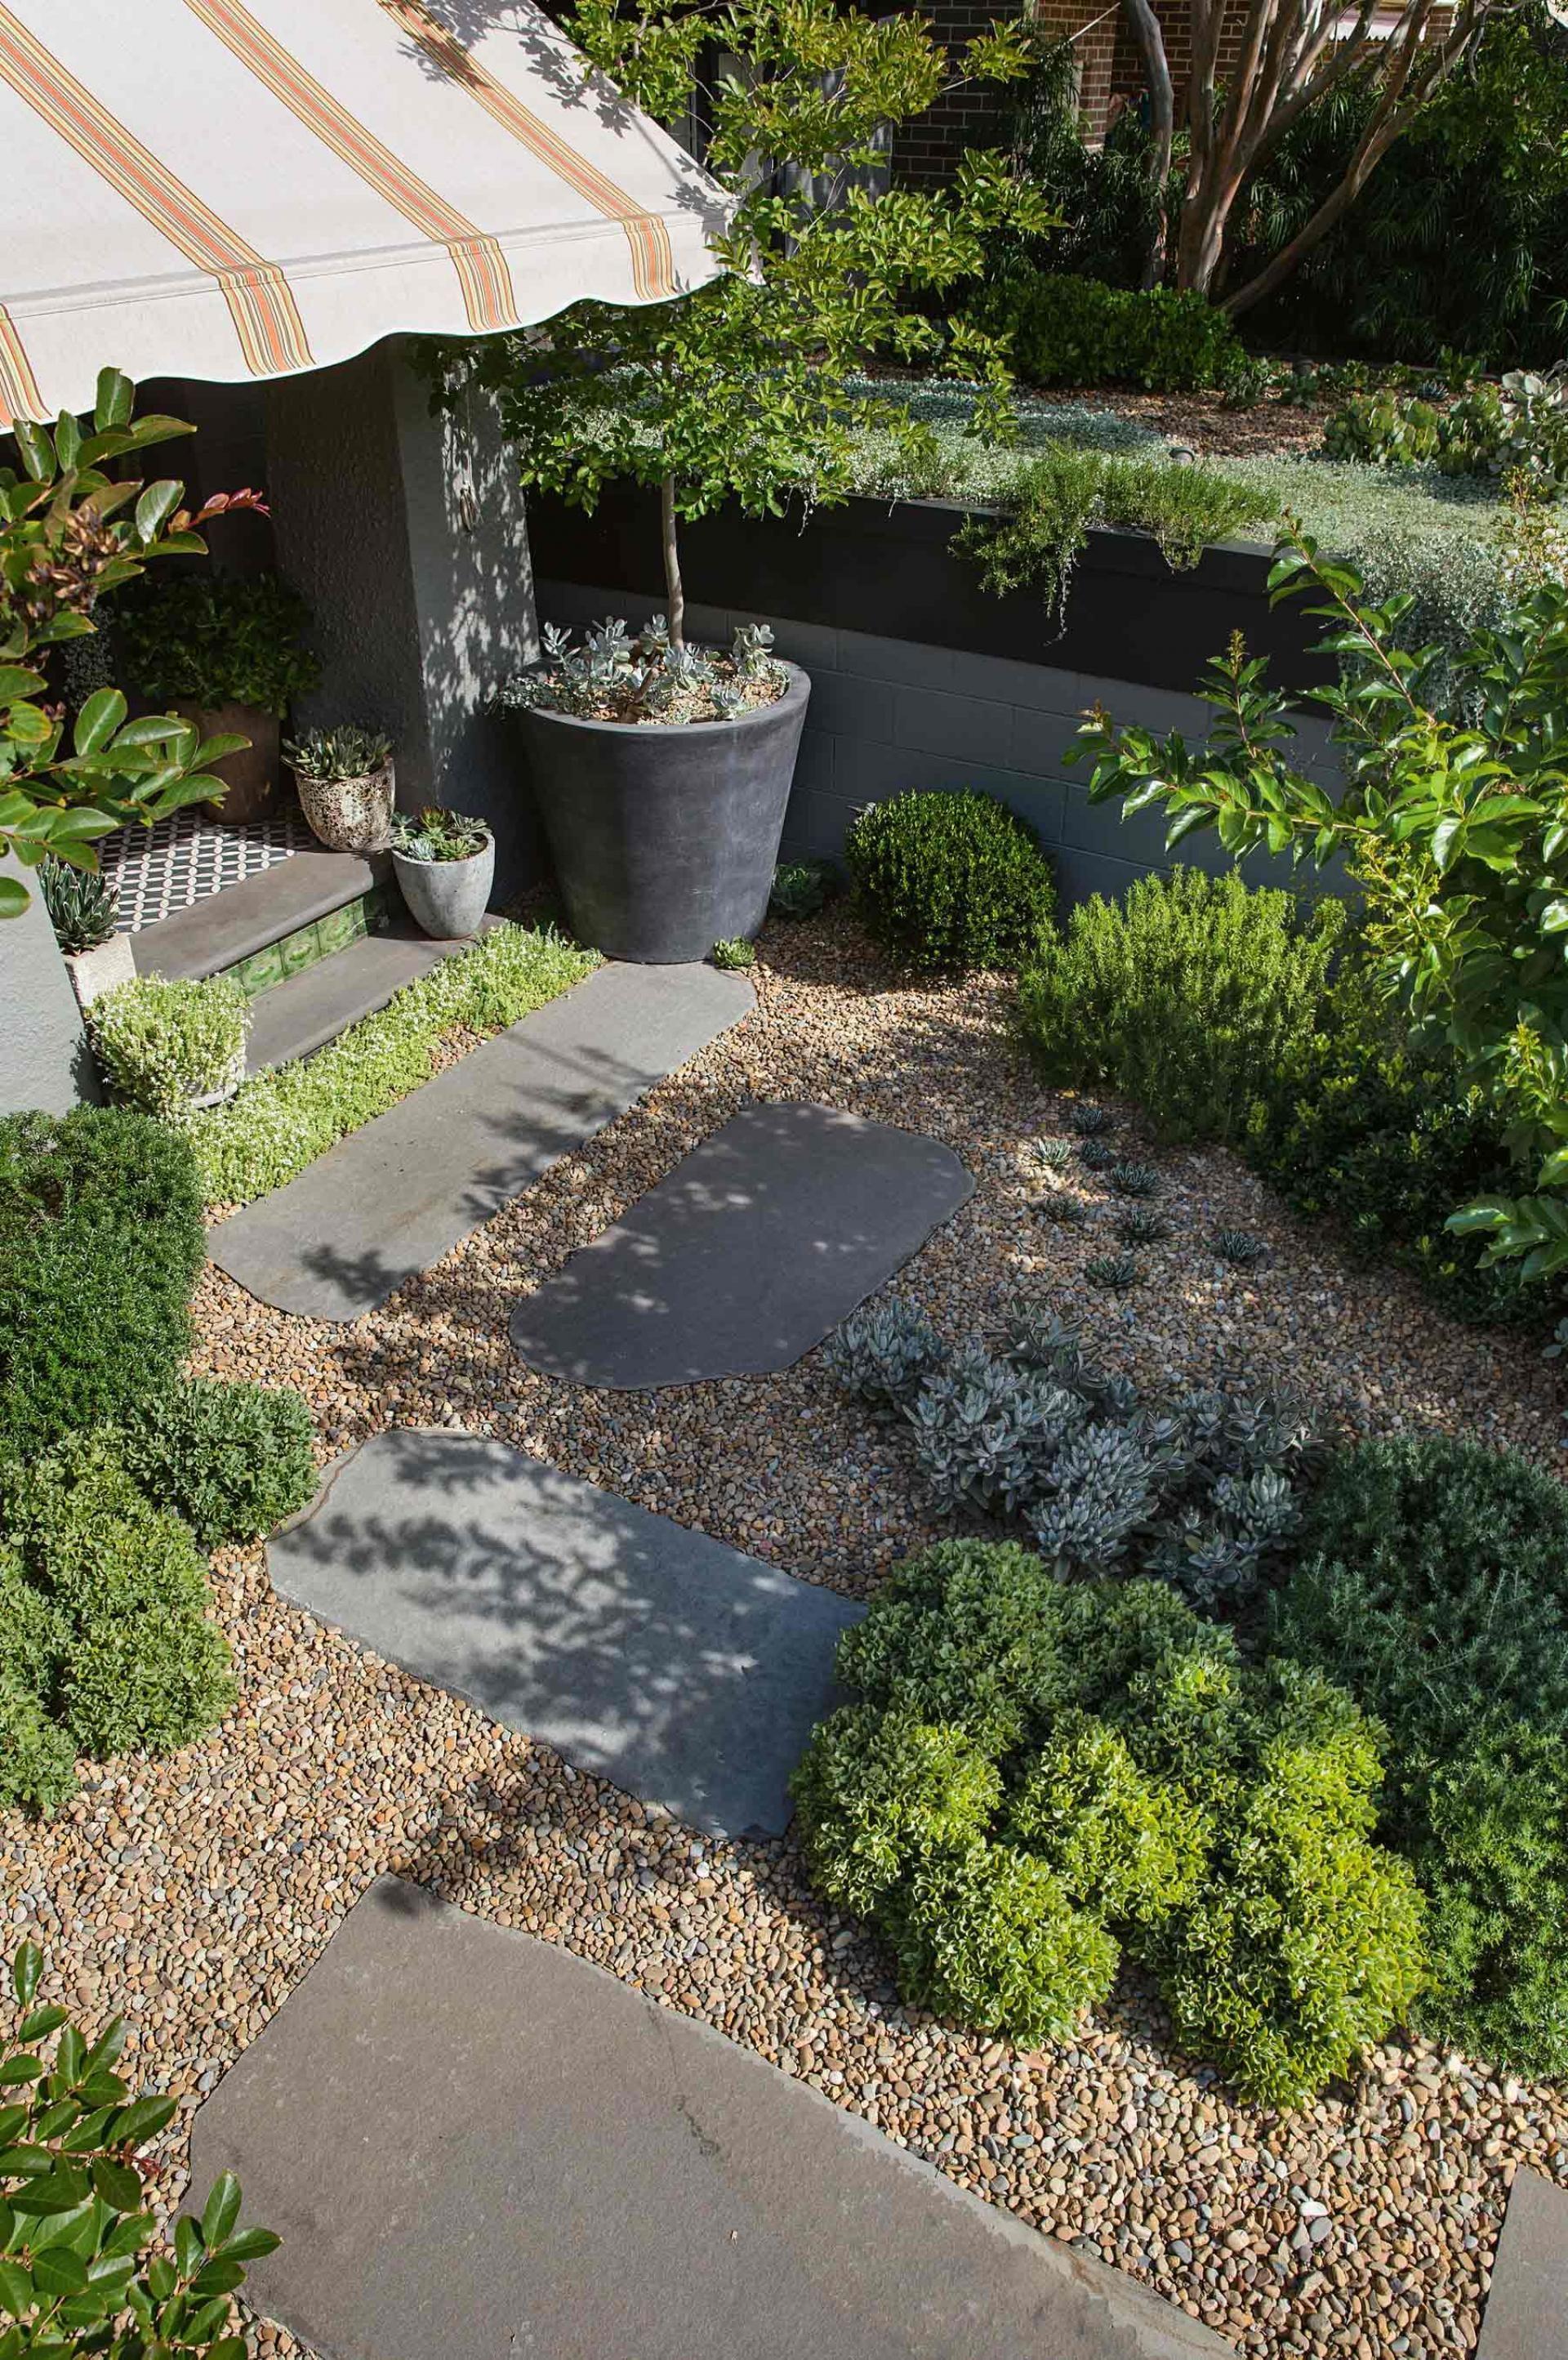 landscape designer Peter Fudgeu0027s own garden landscape